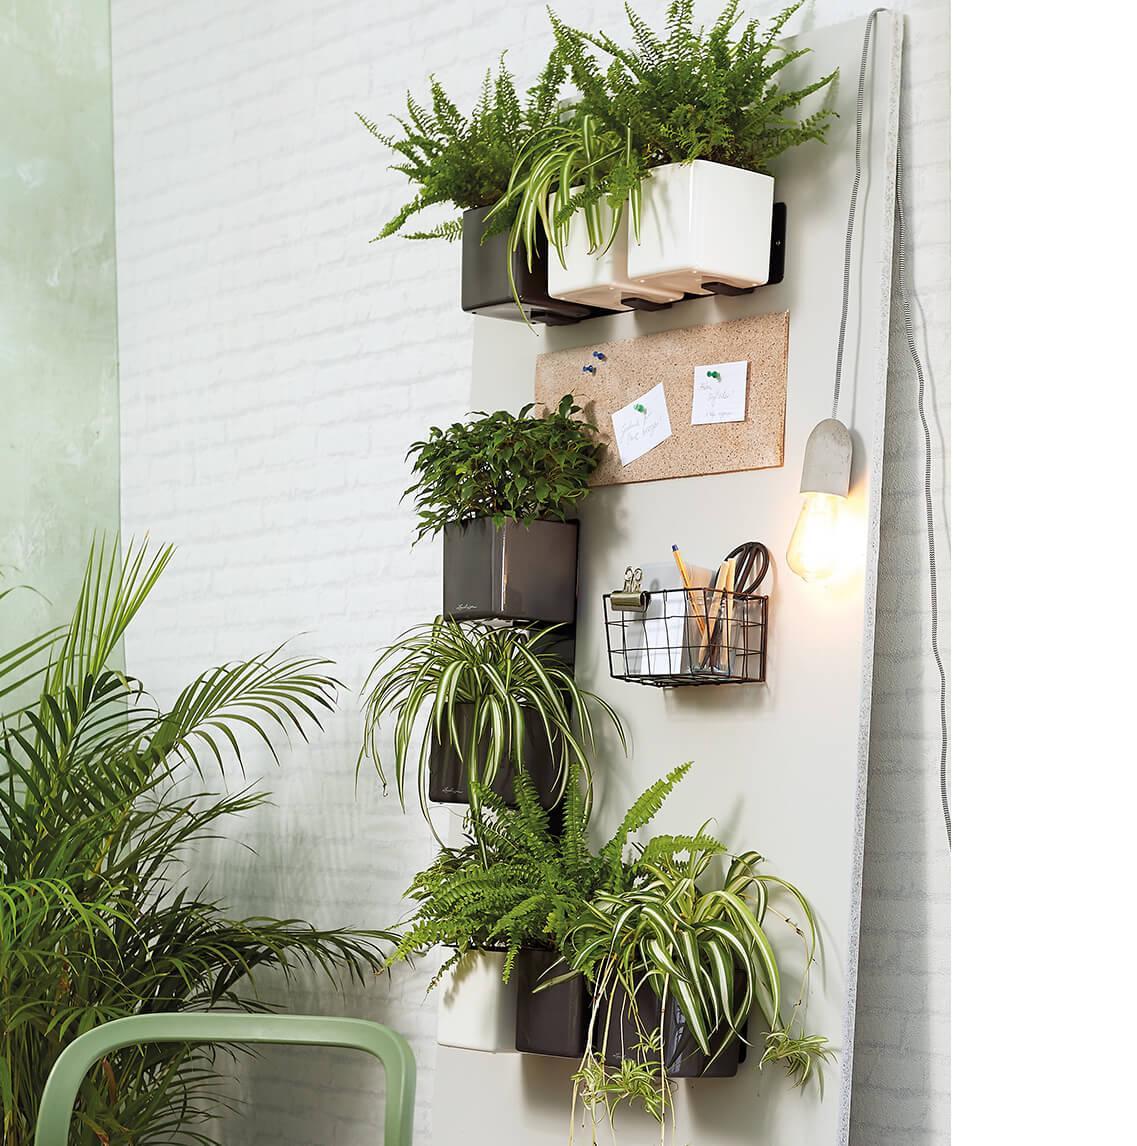 На одной стене висят несколько комплектов Green Wall вместе с держателем для ручек и доской для булавок